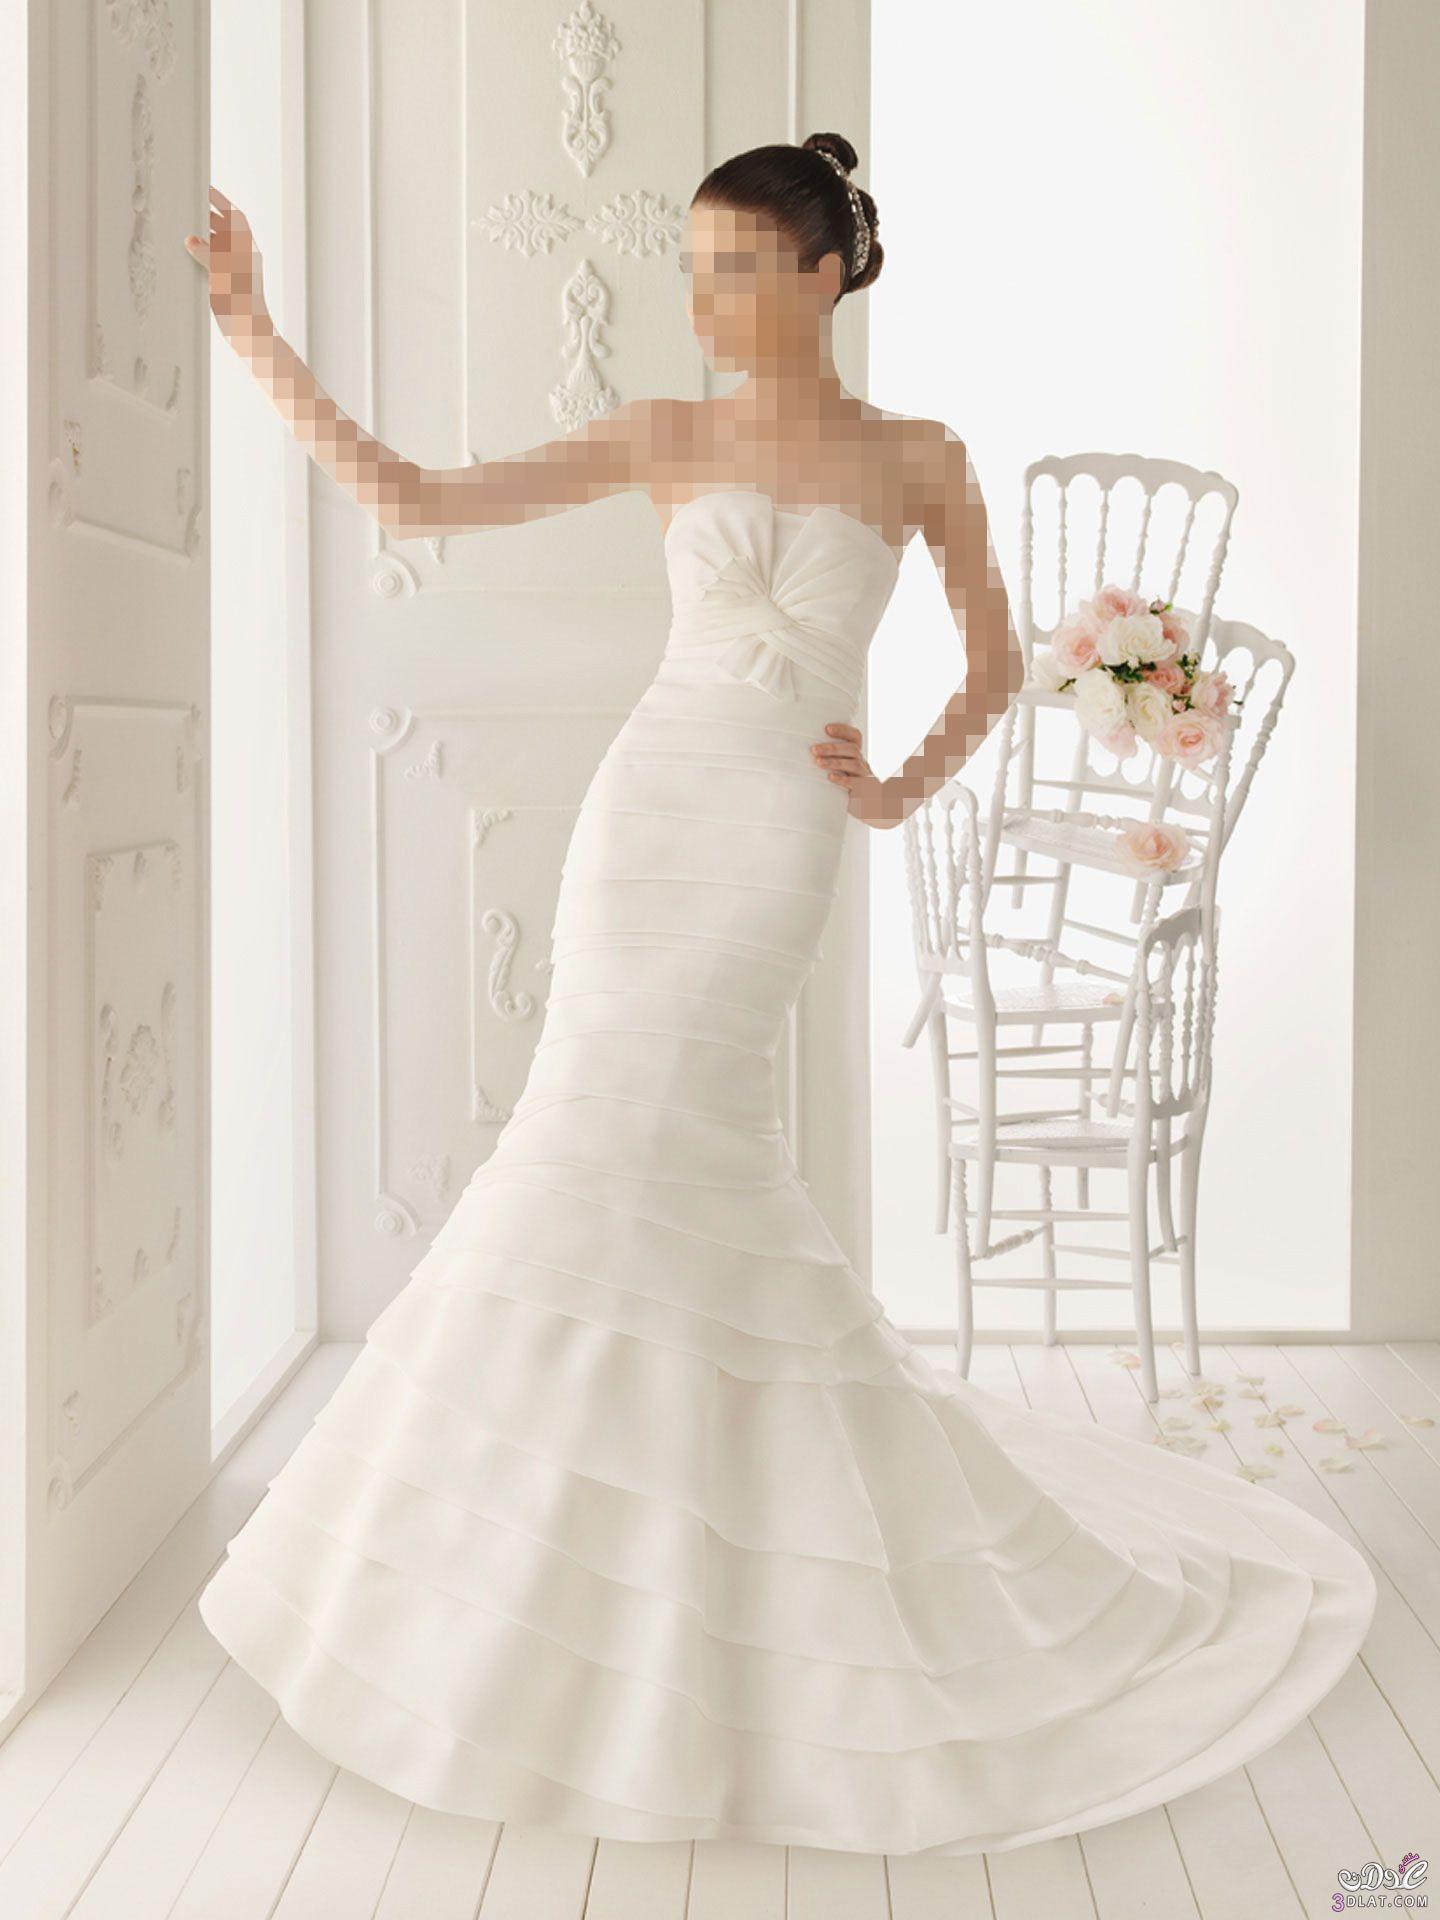 فساتين زفاف جميلة ..اجمل فساتين زفاف 2021 حصرية